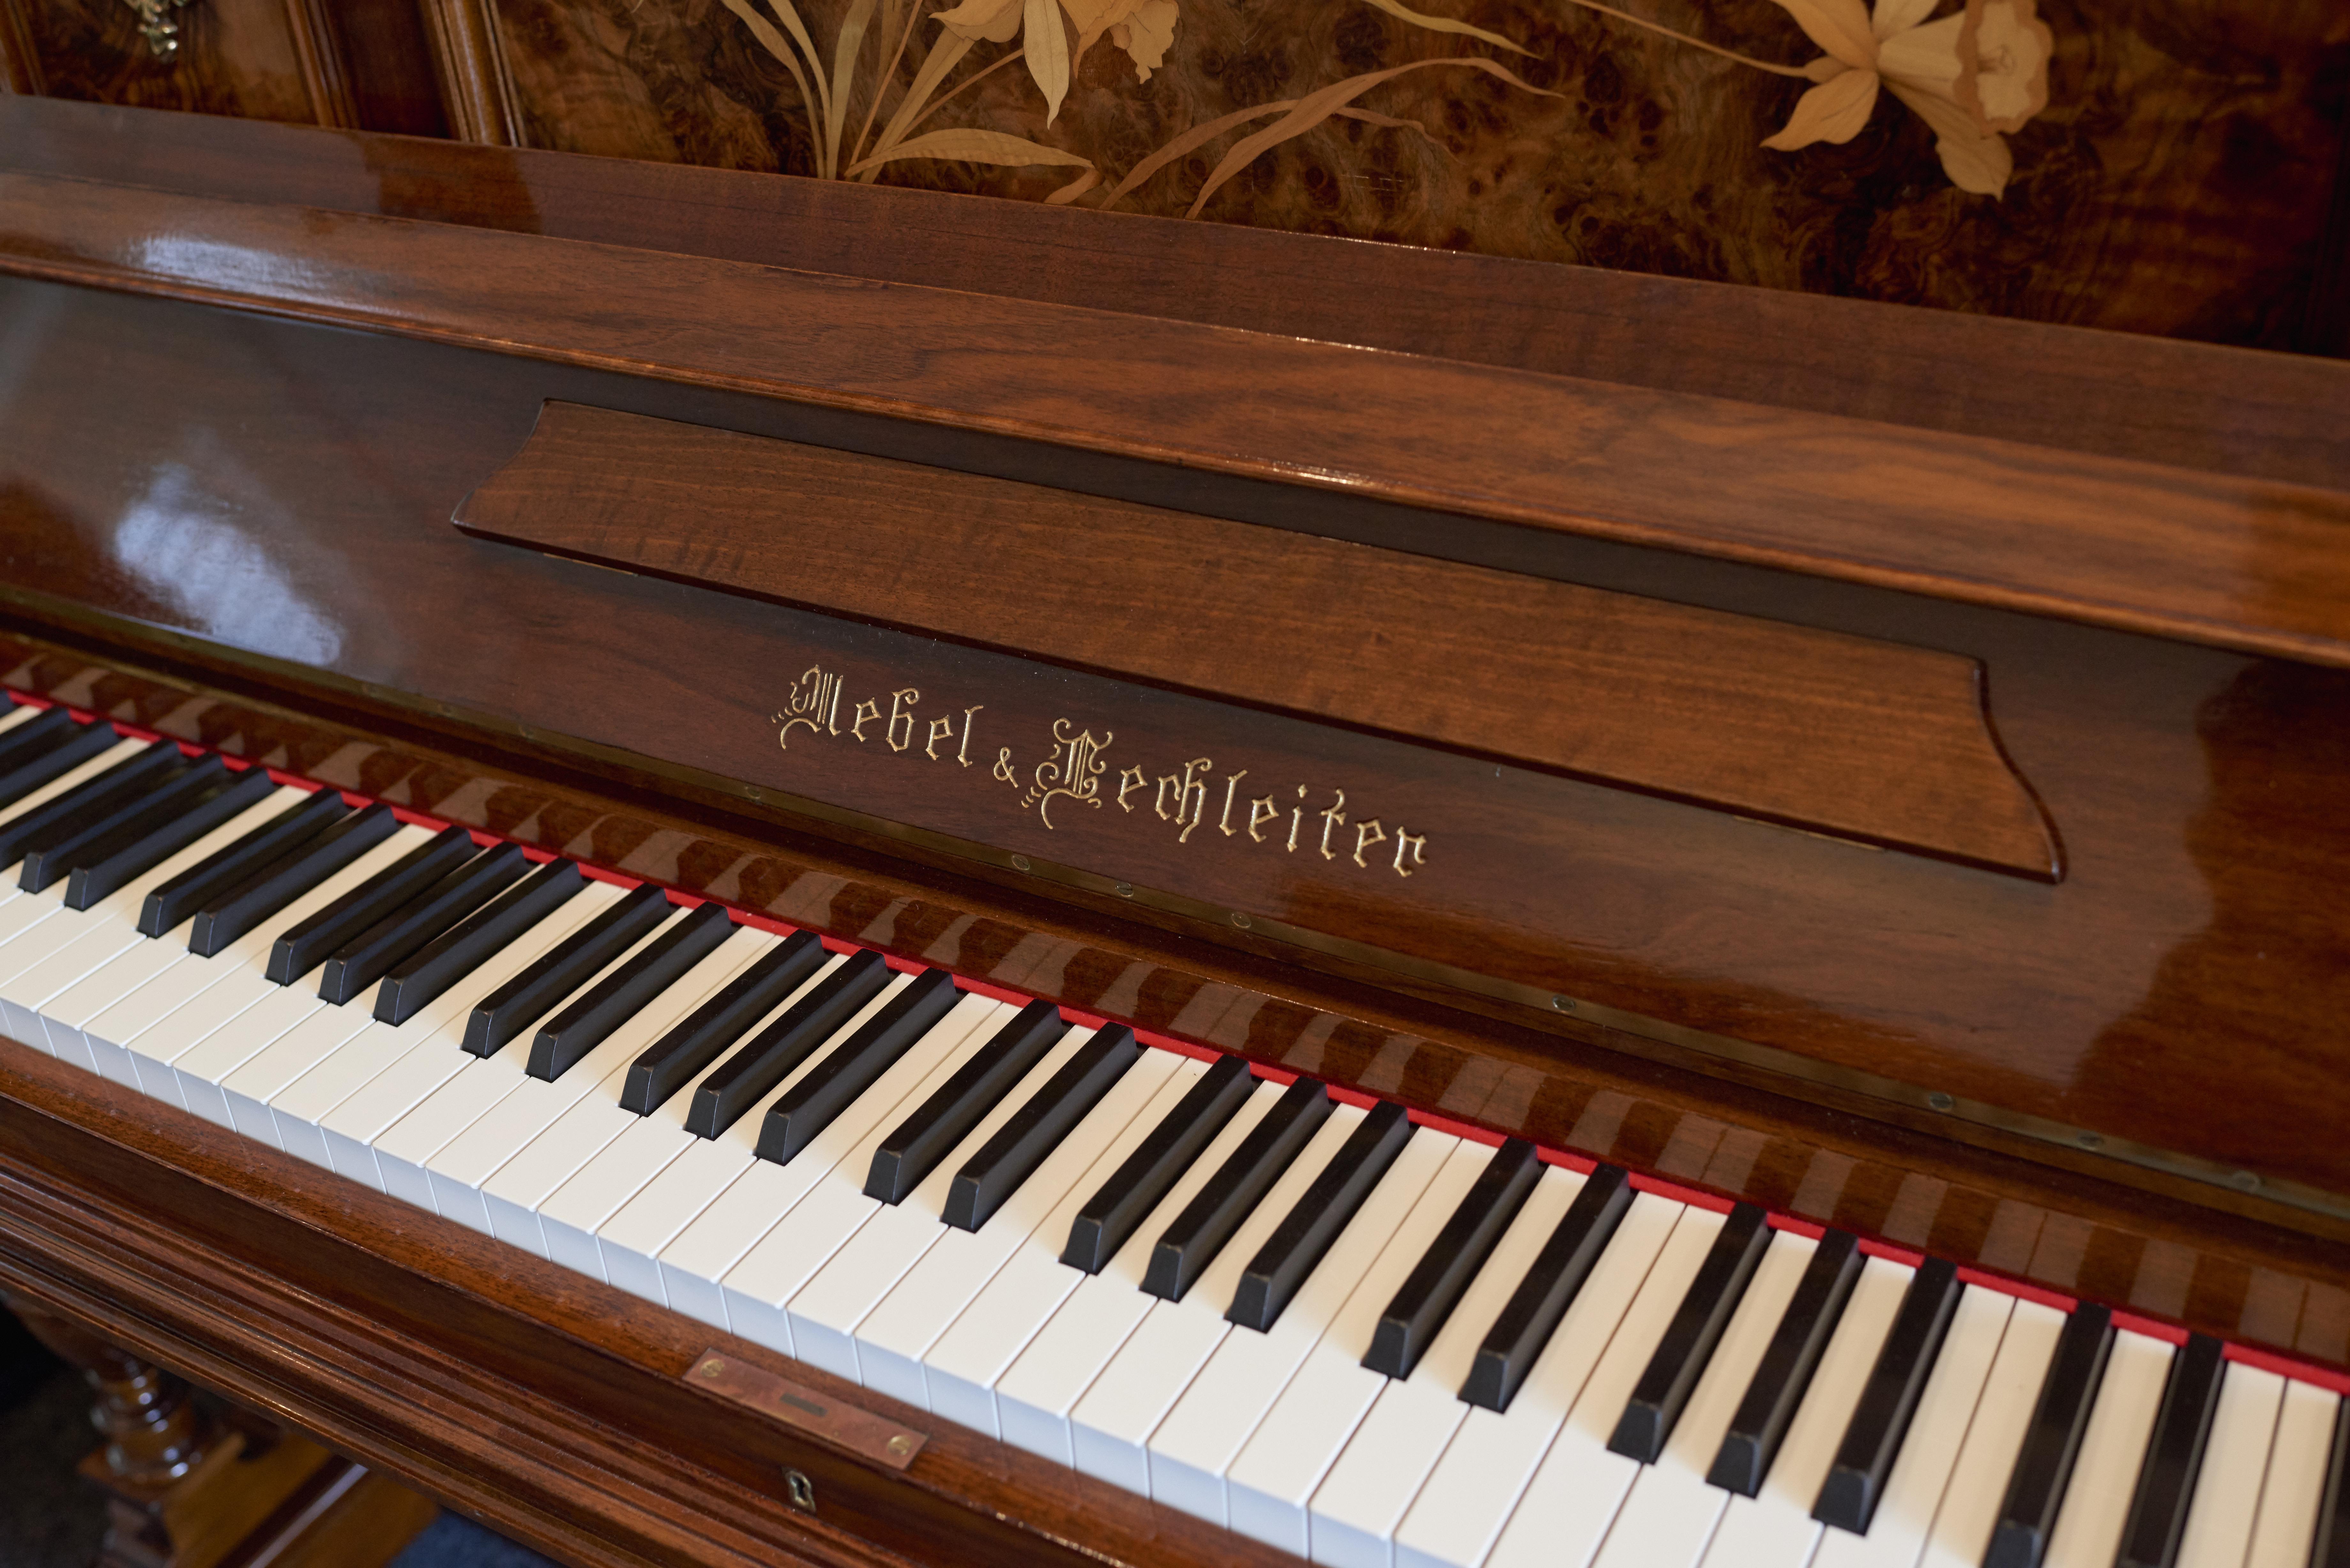 Schlecker Klavierb 5 17 15544 - Schlecker Klavierbau: Handwerkskunst